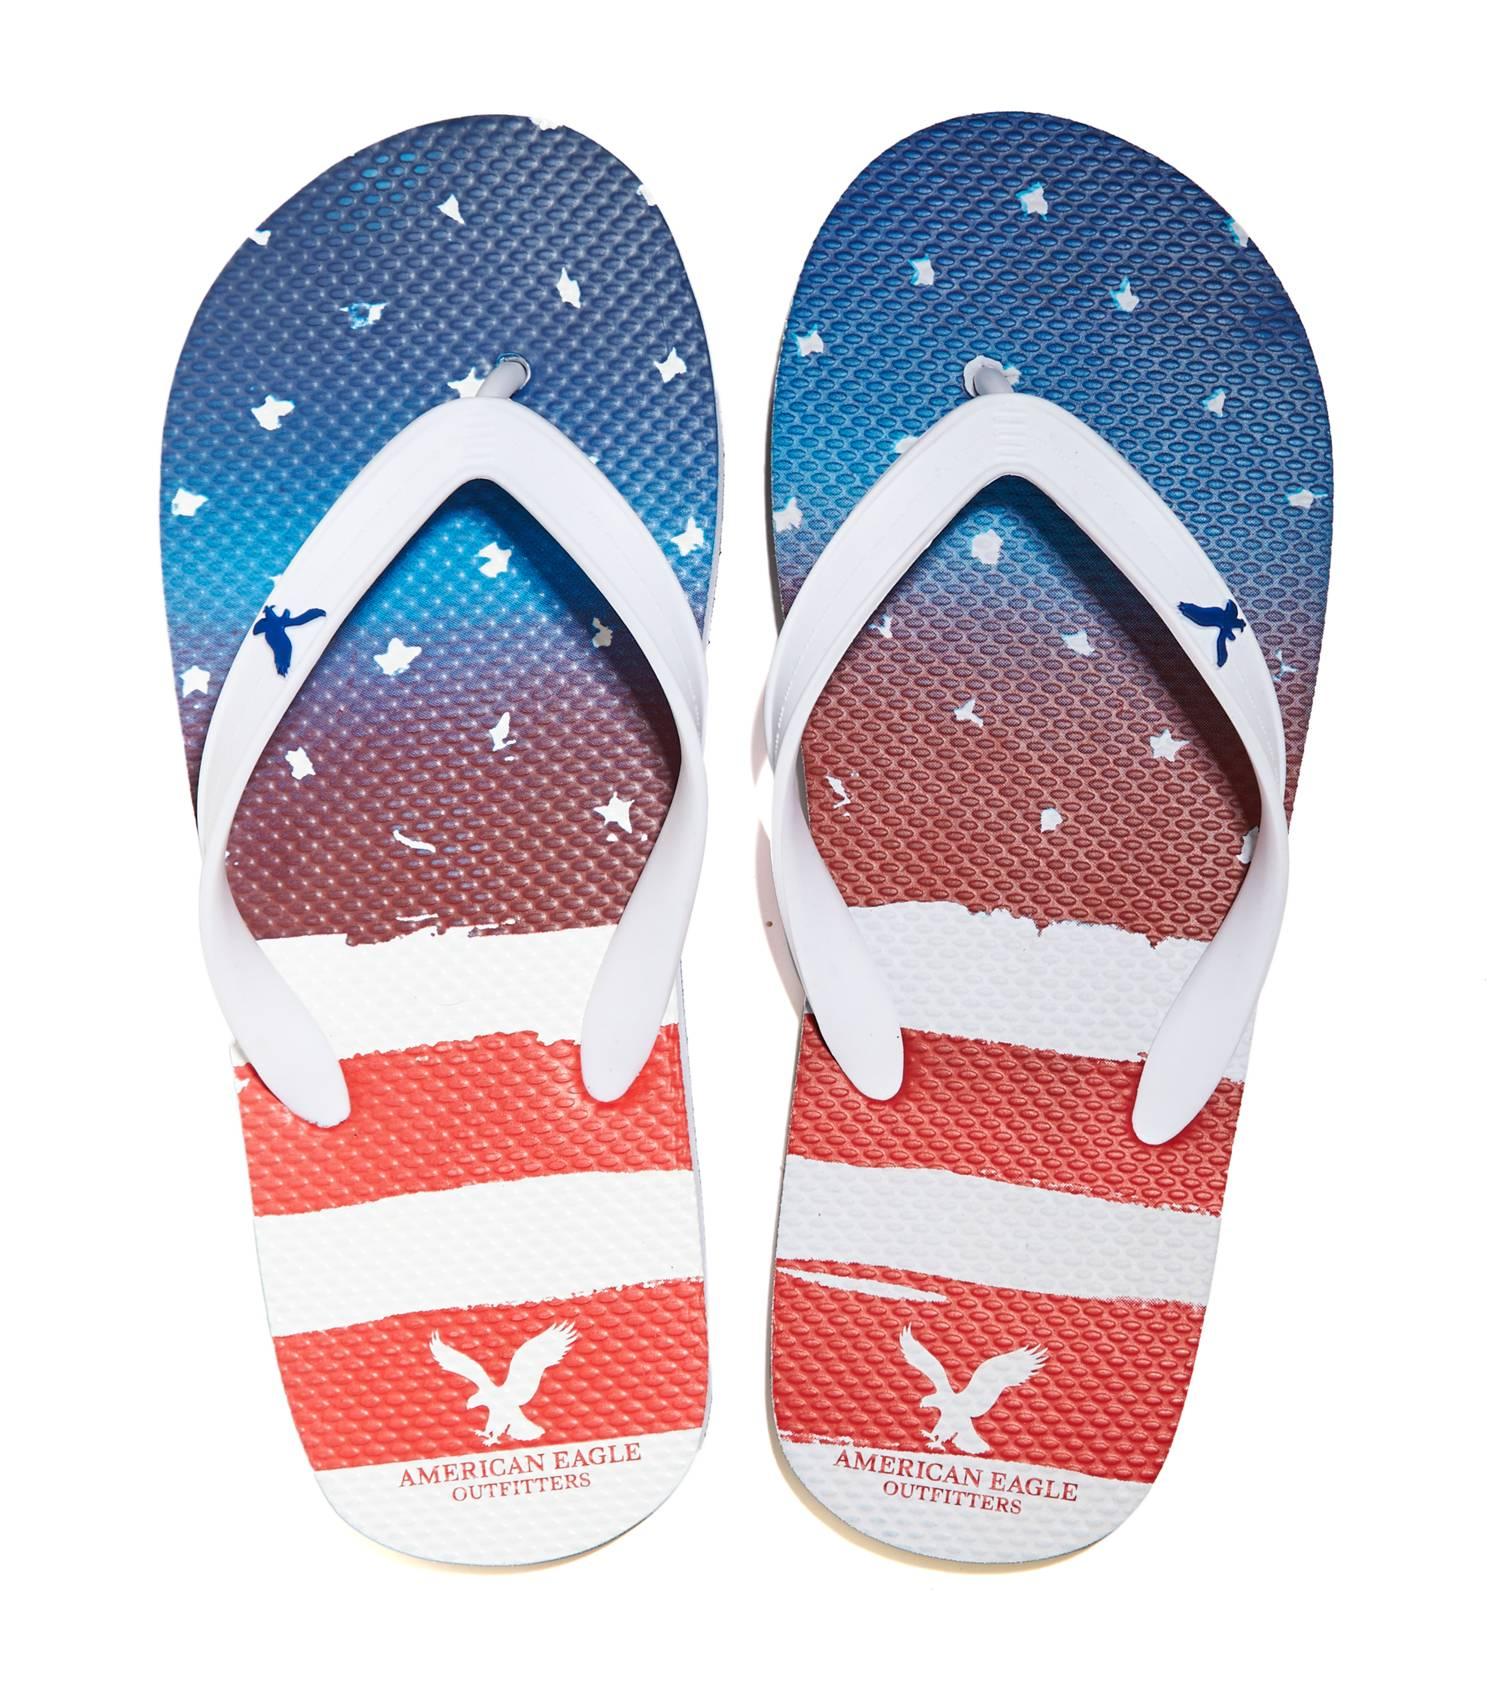 รองเท้าแตะผู้ชาย American Eagle รุ่น FACTORY AMERICANA PRINTED FLIP FLOP สี RED